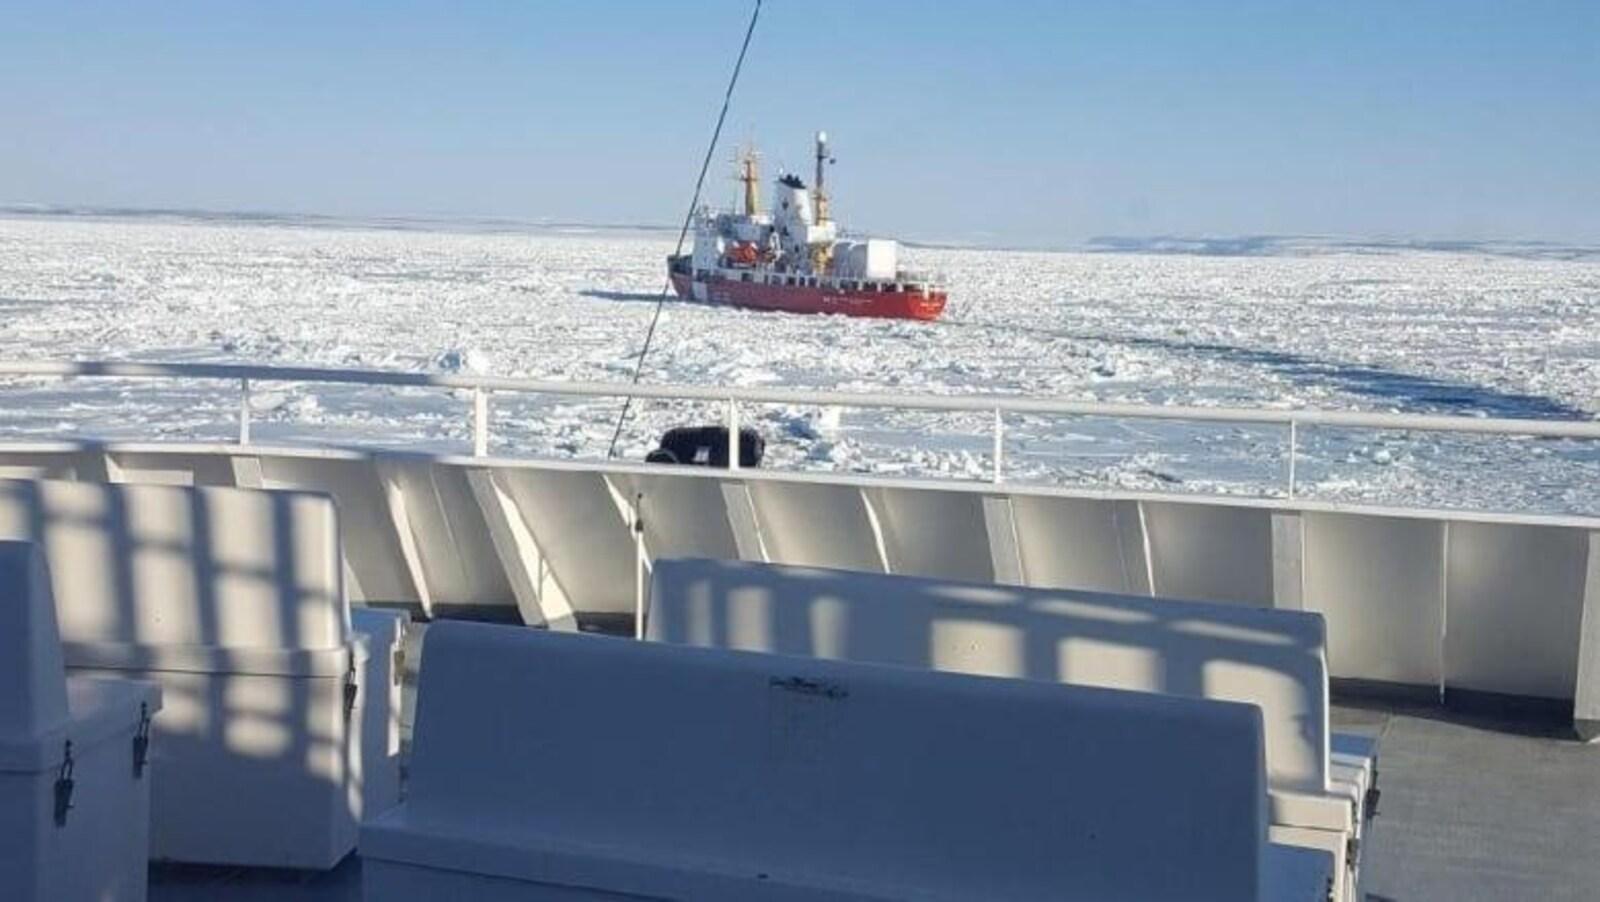 Un brise-glace dans un océan gelé photographié du pont d'un bateau.